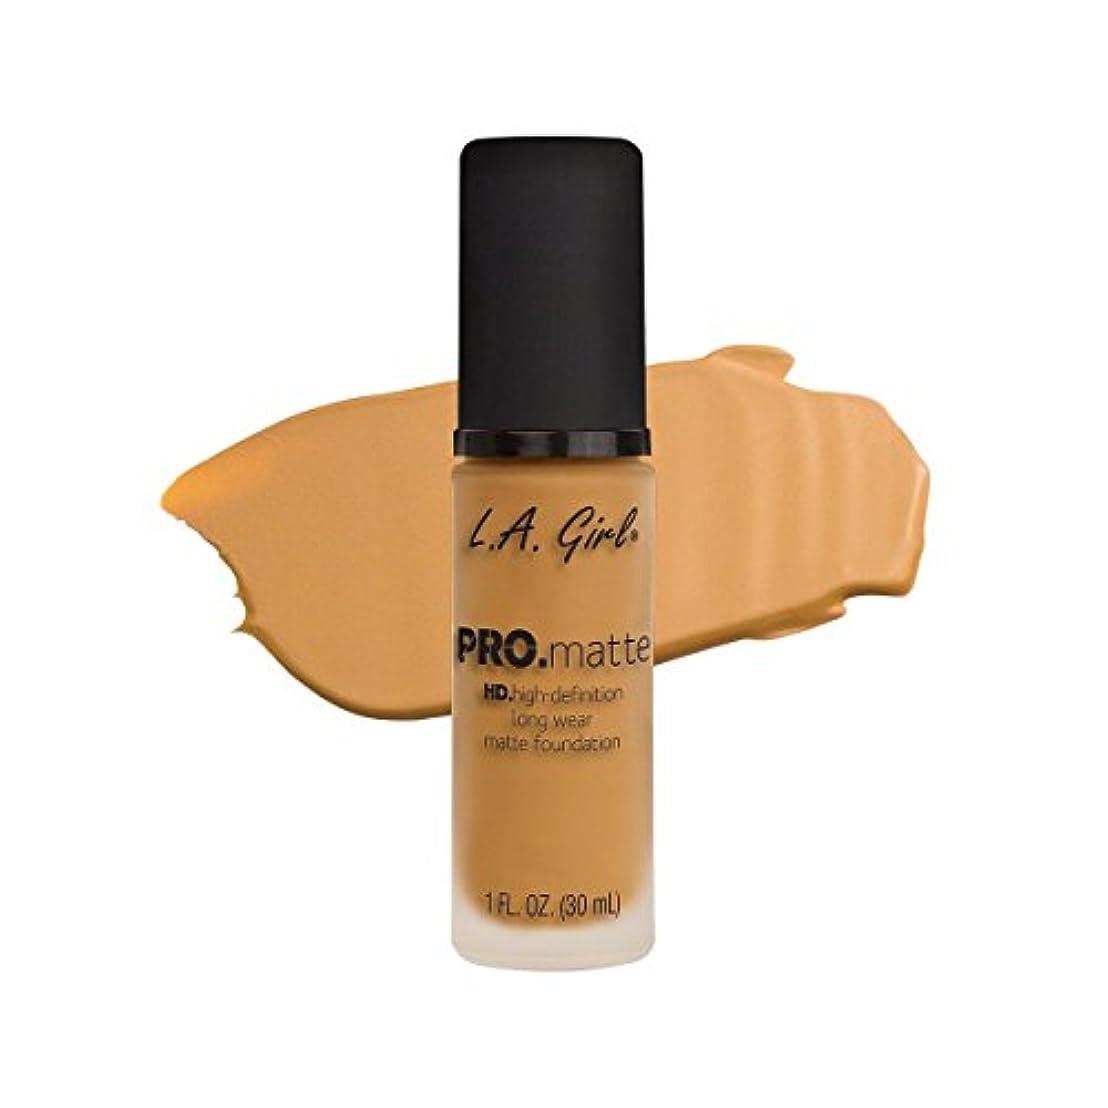 ピジンジャンプする悪行(6 Pack) L.A. GIRL Pro Matte Foundation - Soft Honey (並行輸入品)